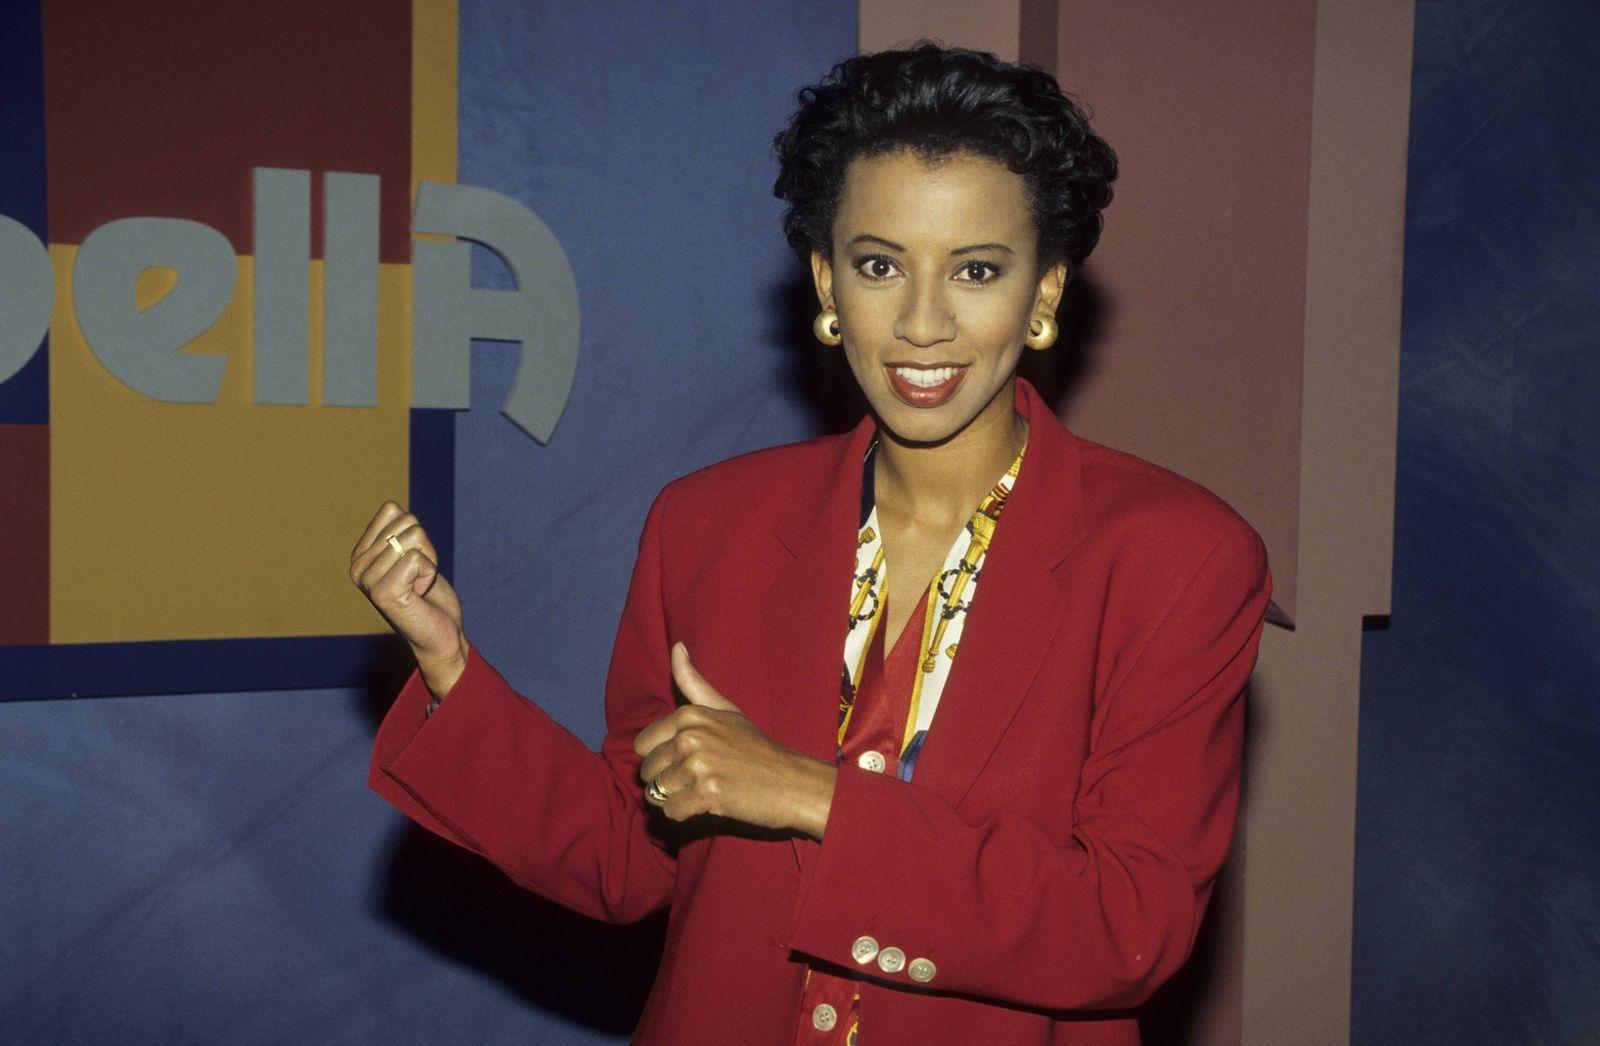 Arabella Kiesbauer 02/94 kück quer halb Logo lächelnd Kulisse seriös Blazer rot Frau Fernsehen Moderation Journalismus